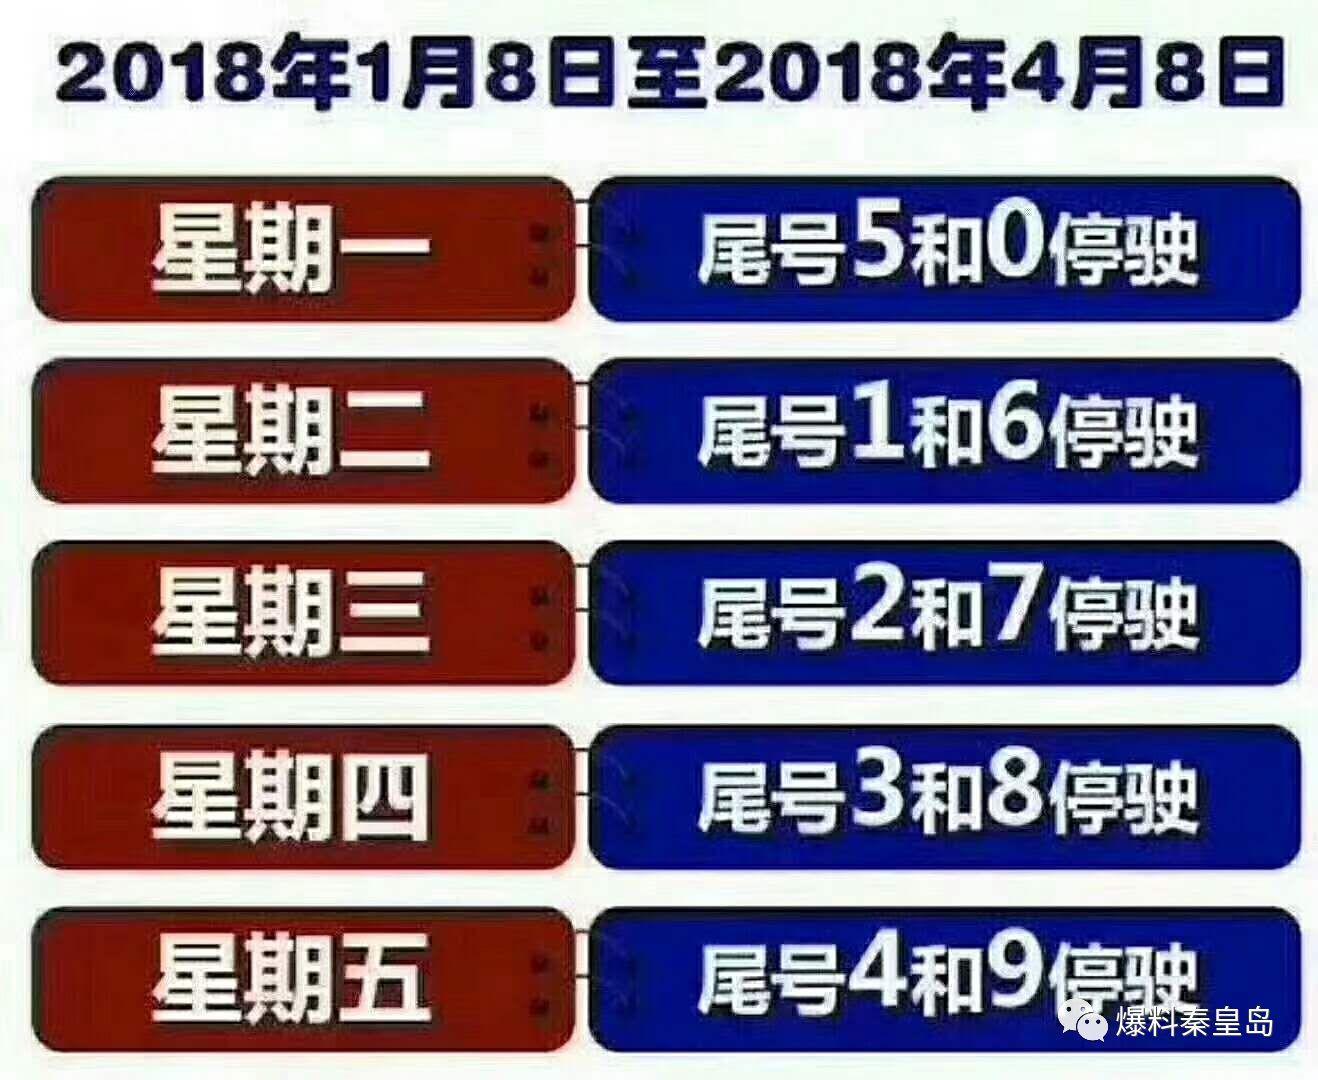 明天起,秦皇岛开始新一轮限行政策!速看